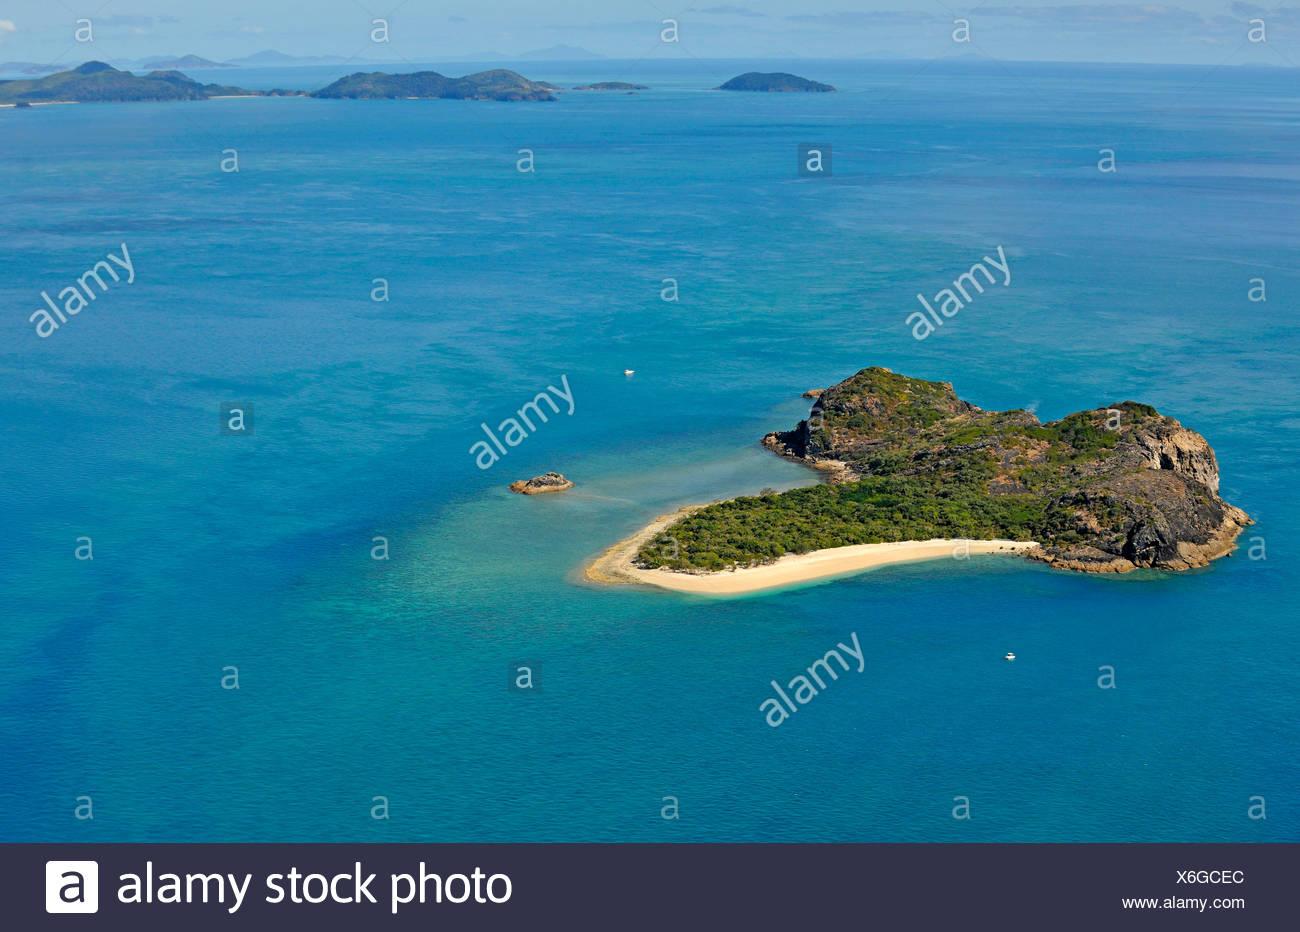 how to go from hamilton island to whitsunday island